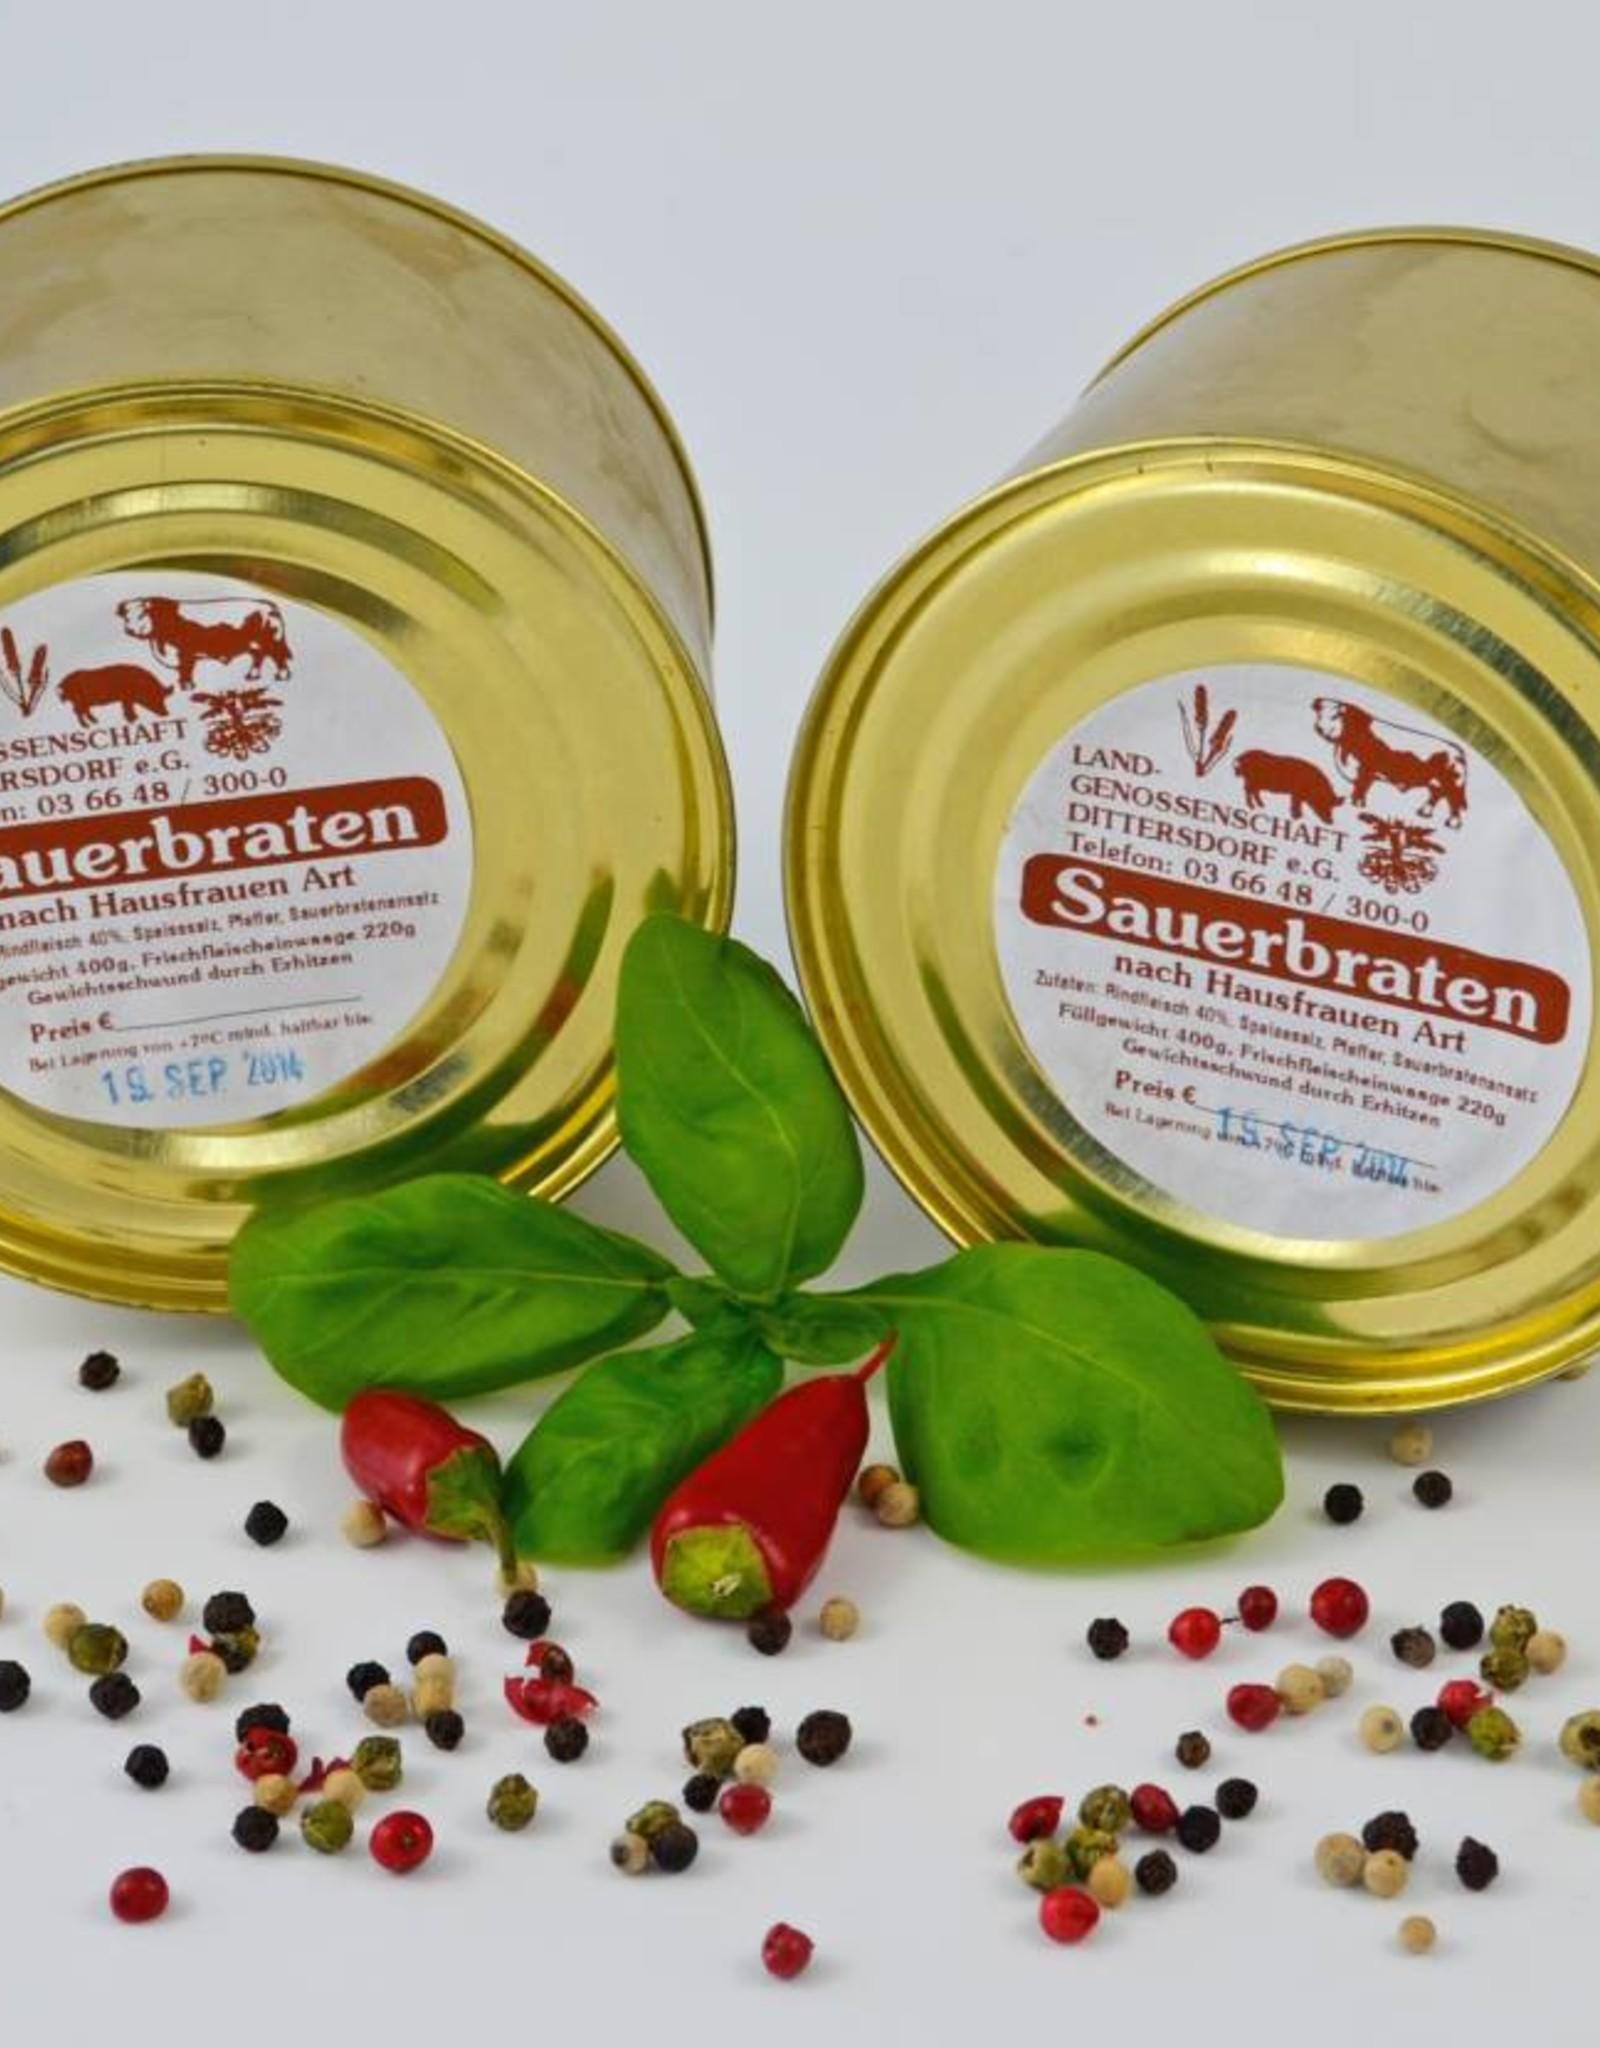 Dose Sauerbraten 1 Stück 400g